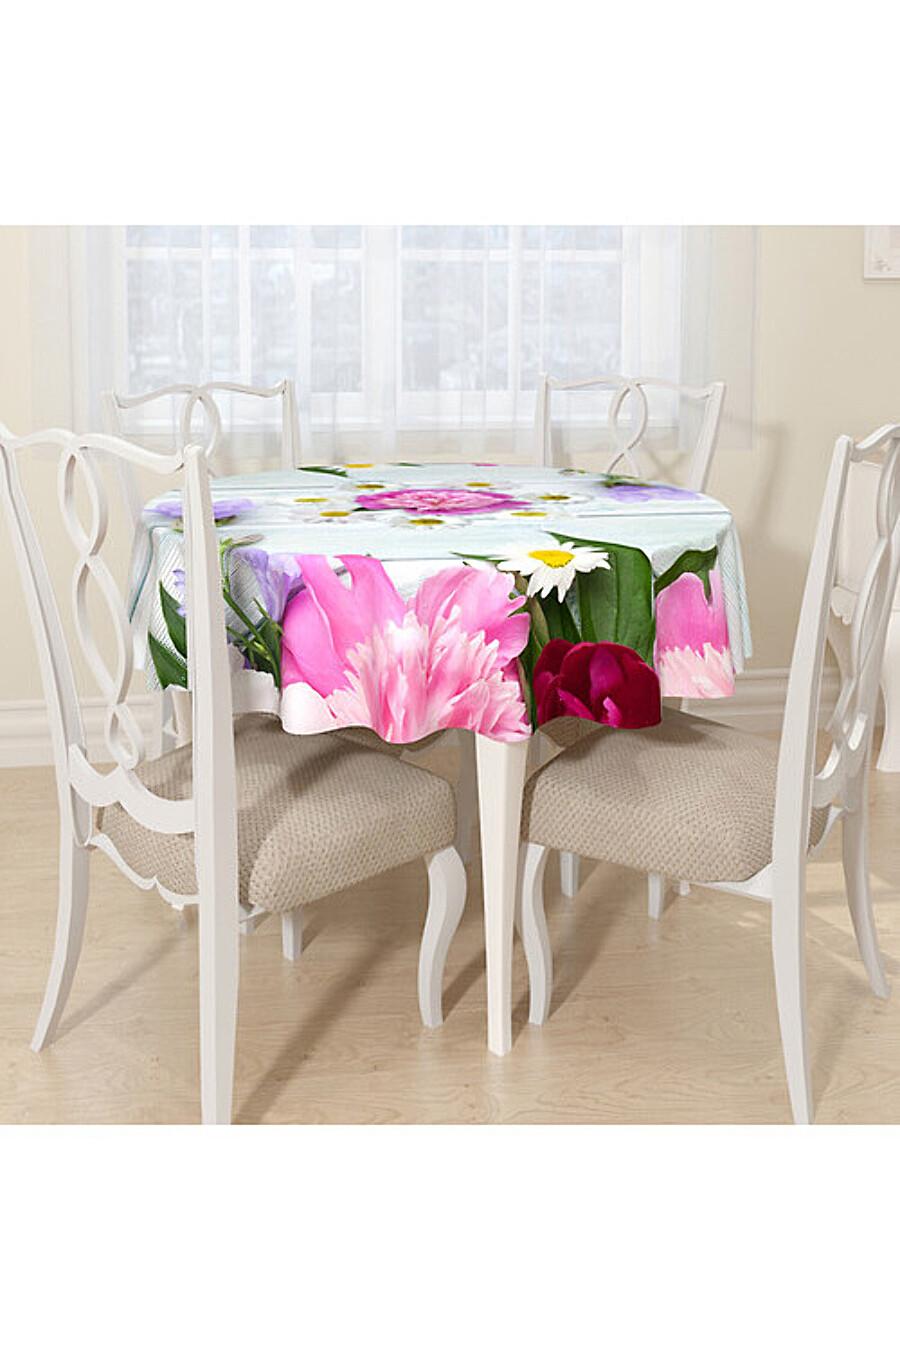 Скатерть для дома ART HOME TEXTILE 180245 купить оптом от производителя. Совместная покупка товаров для дома в OptMoyo